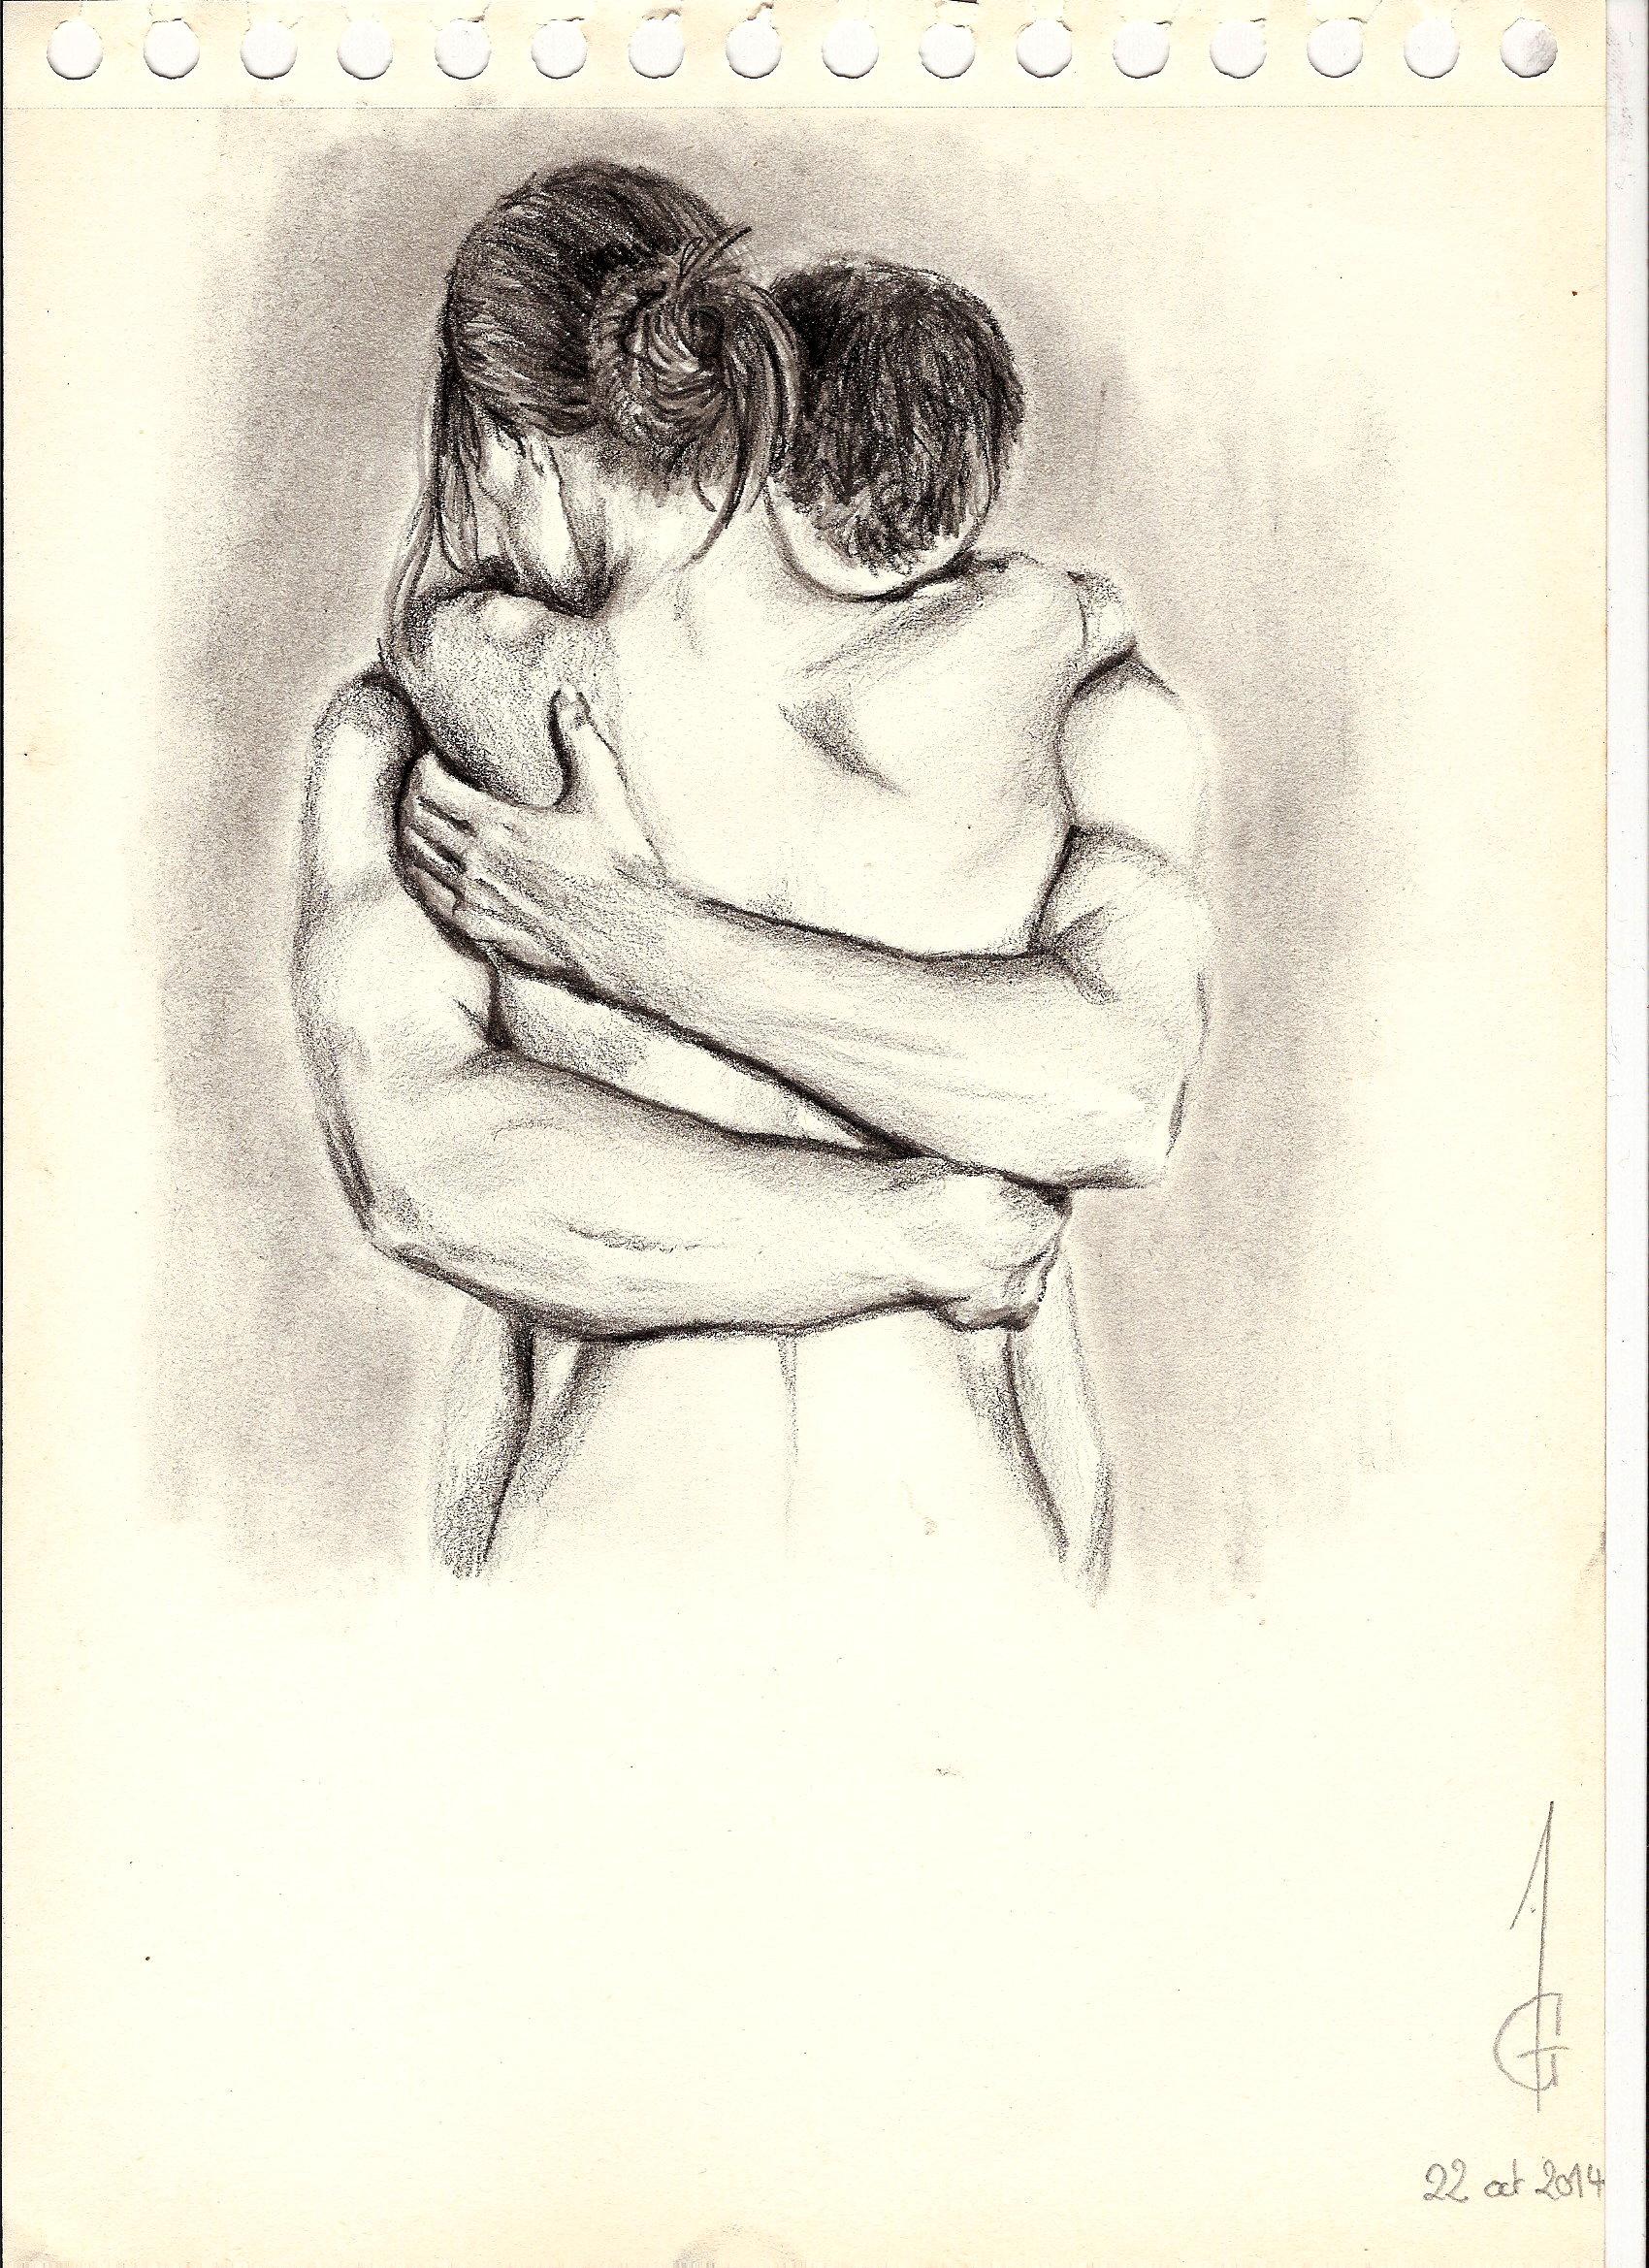 dessin subaru diabolik lovers